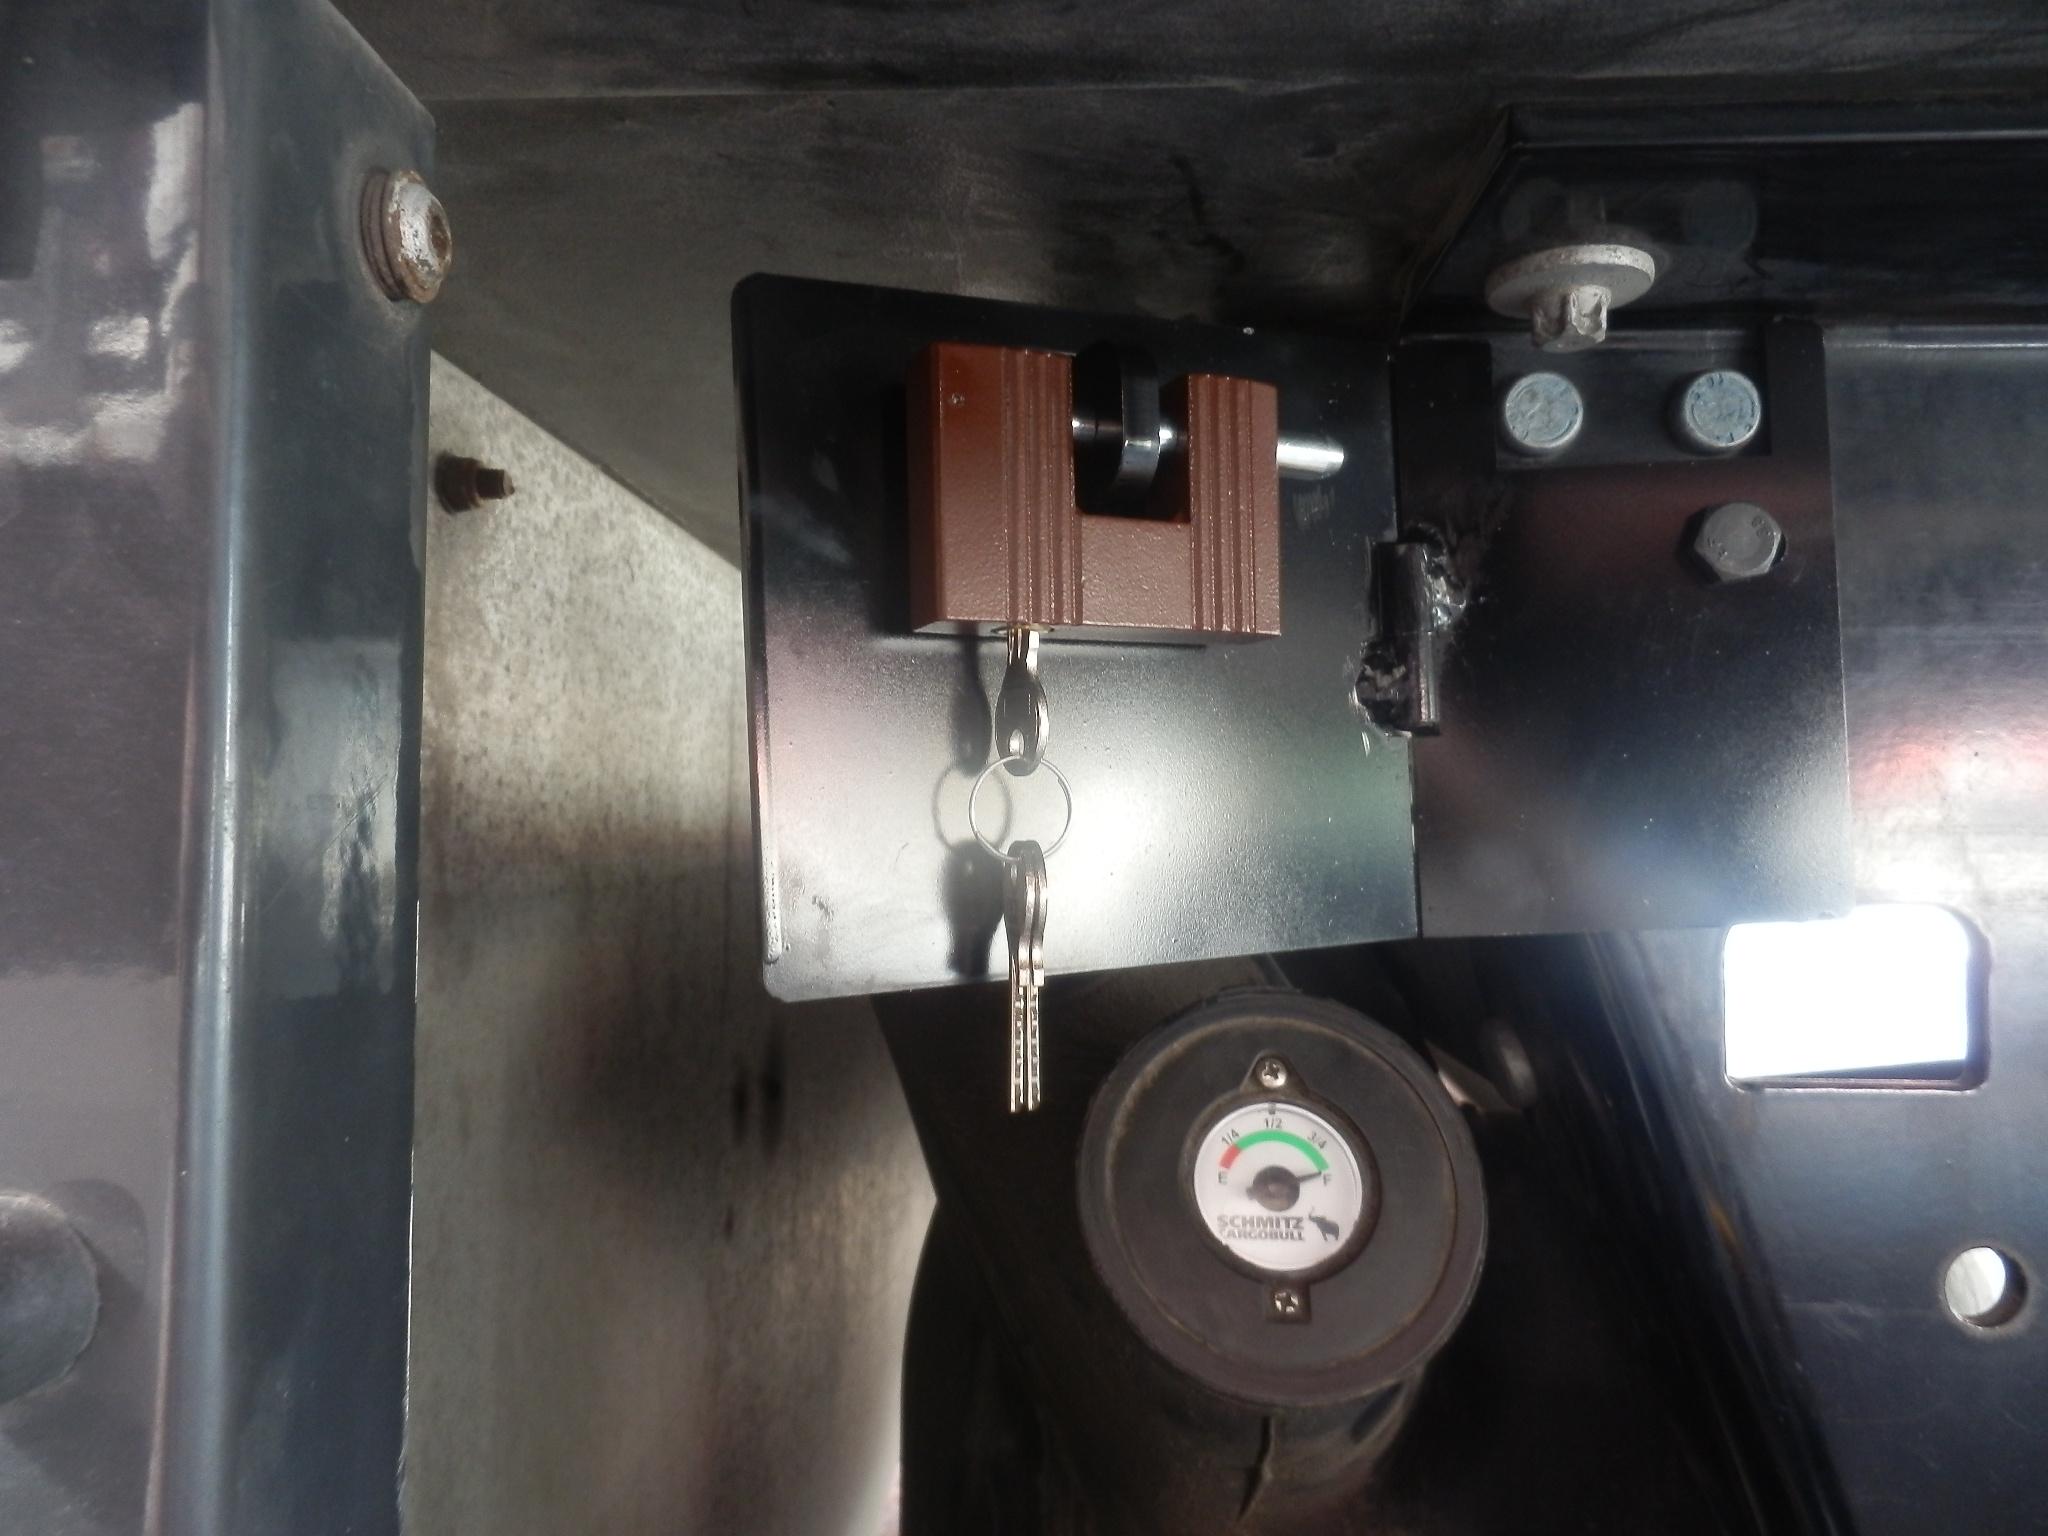 рефрижератор приводимый в действие защита настой топлива